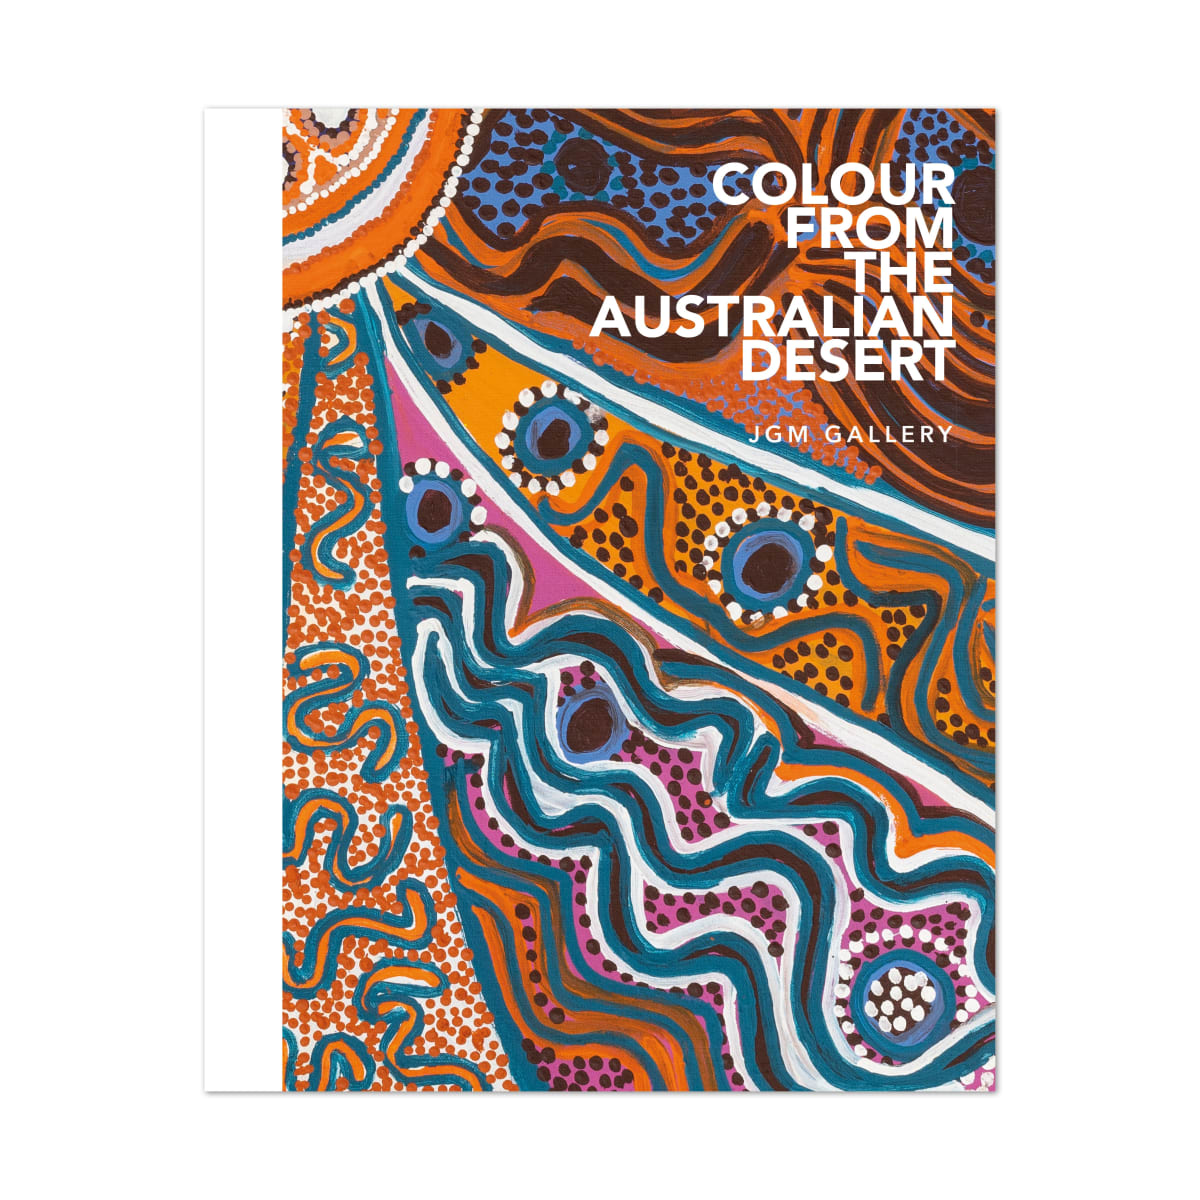 Colour From the Australian Desert